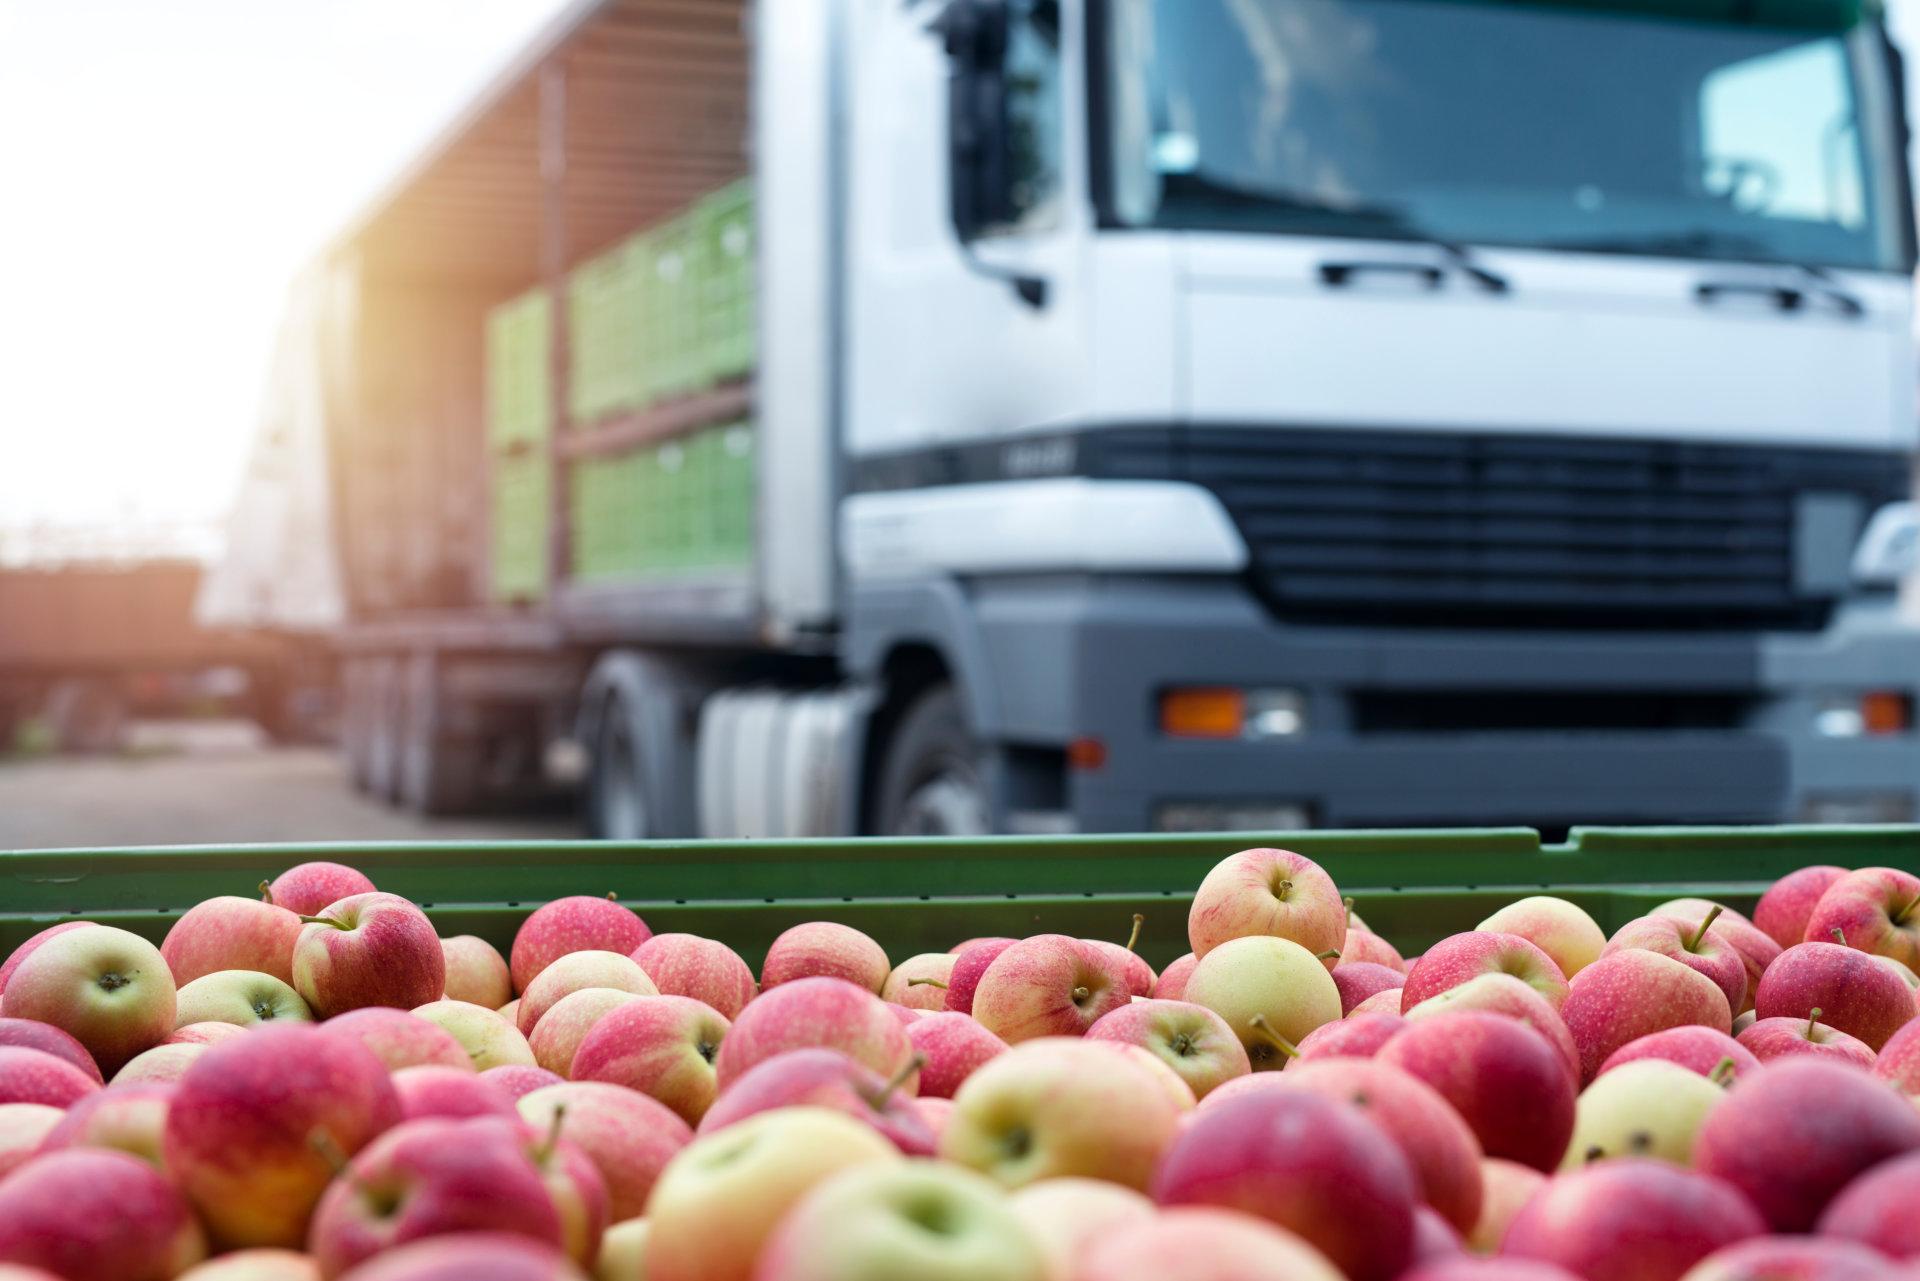 Кейс: Продвижение сайта по продаже еды оптом